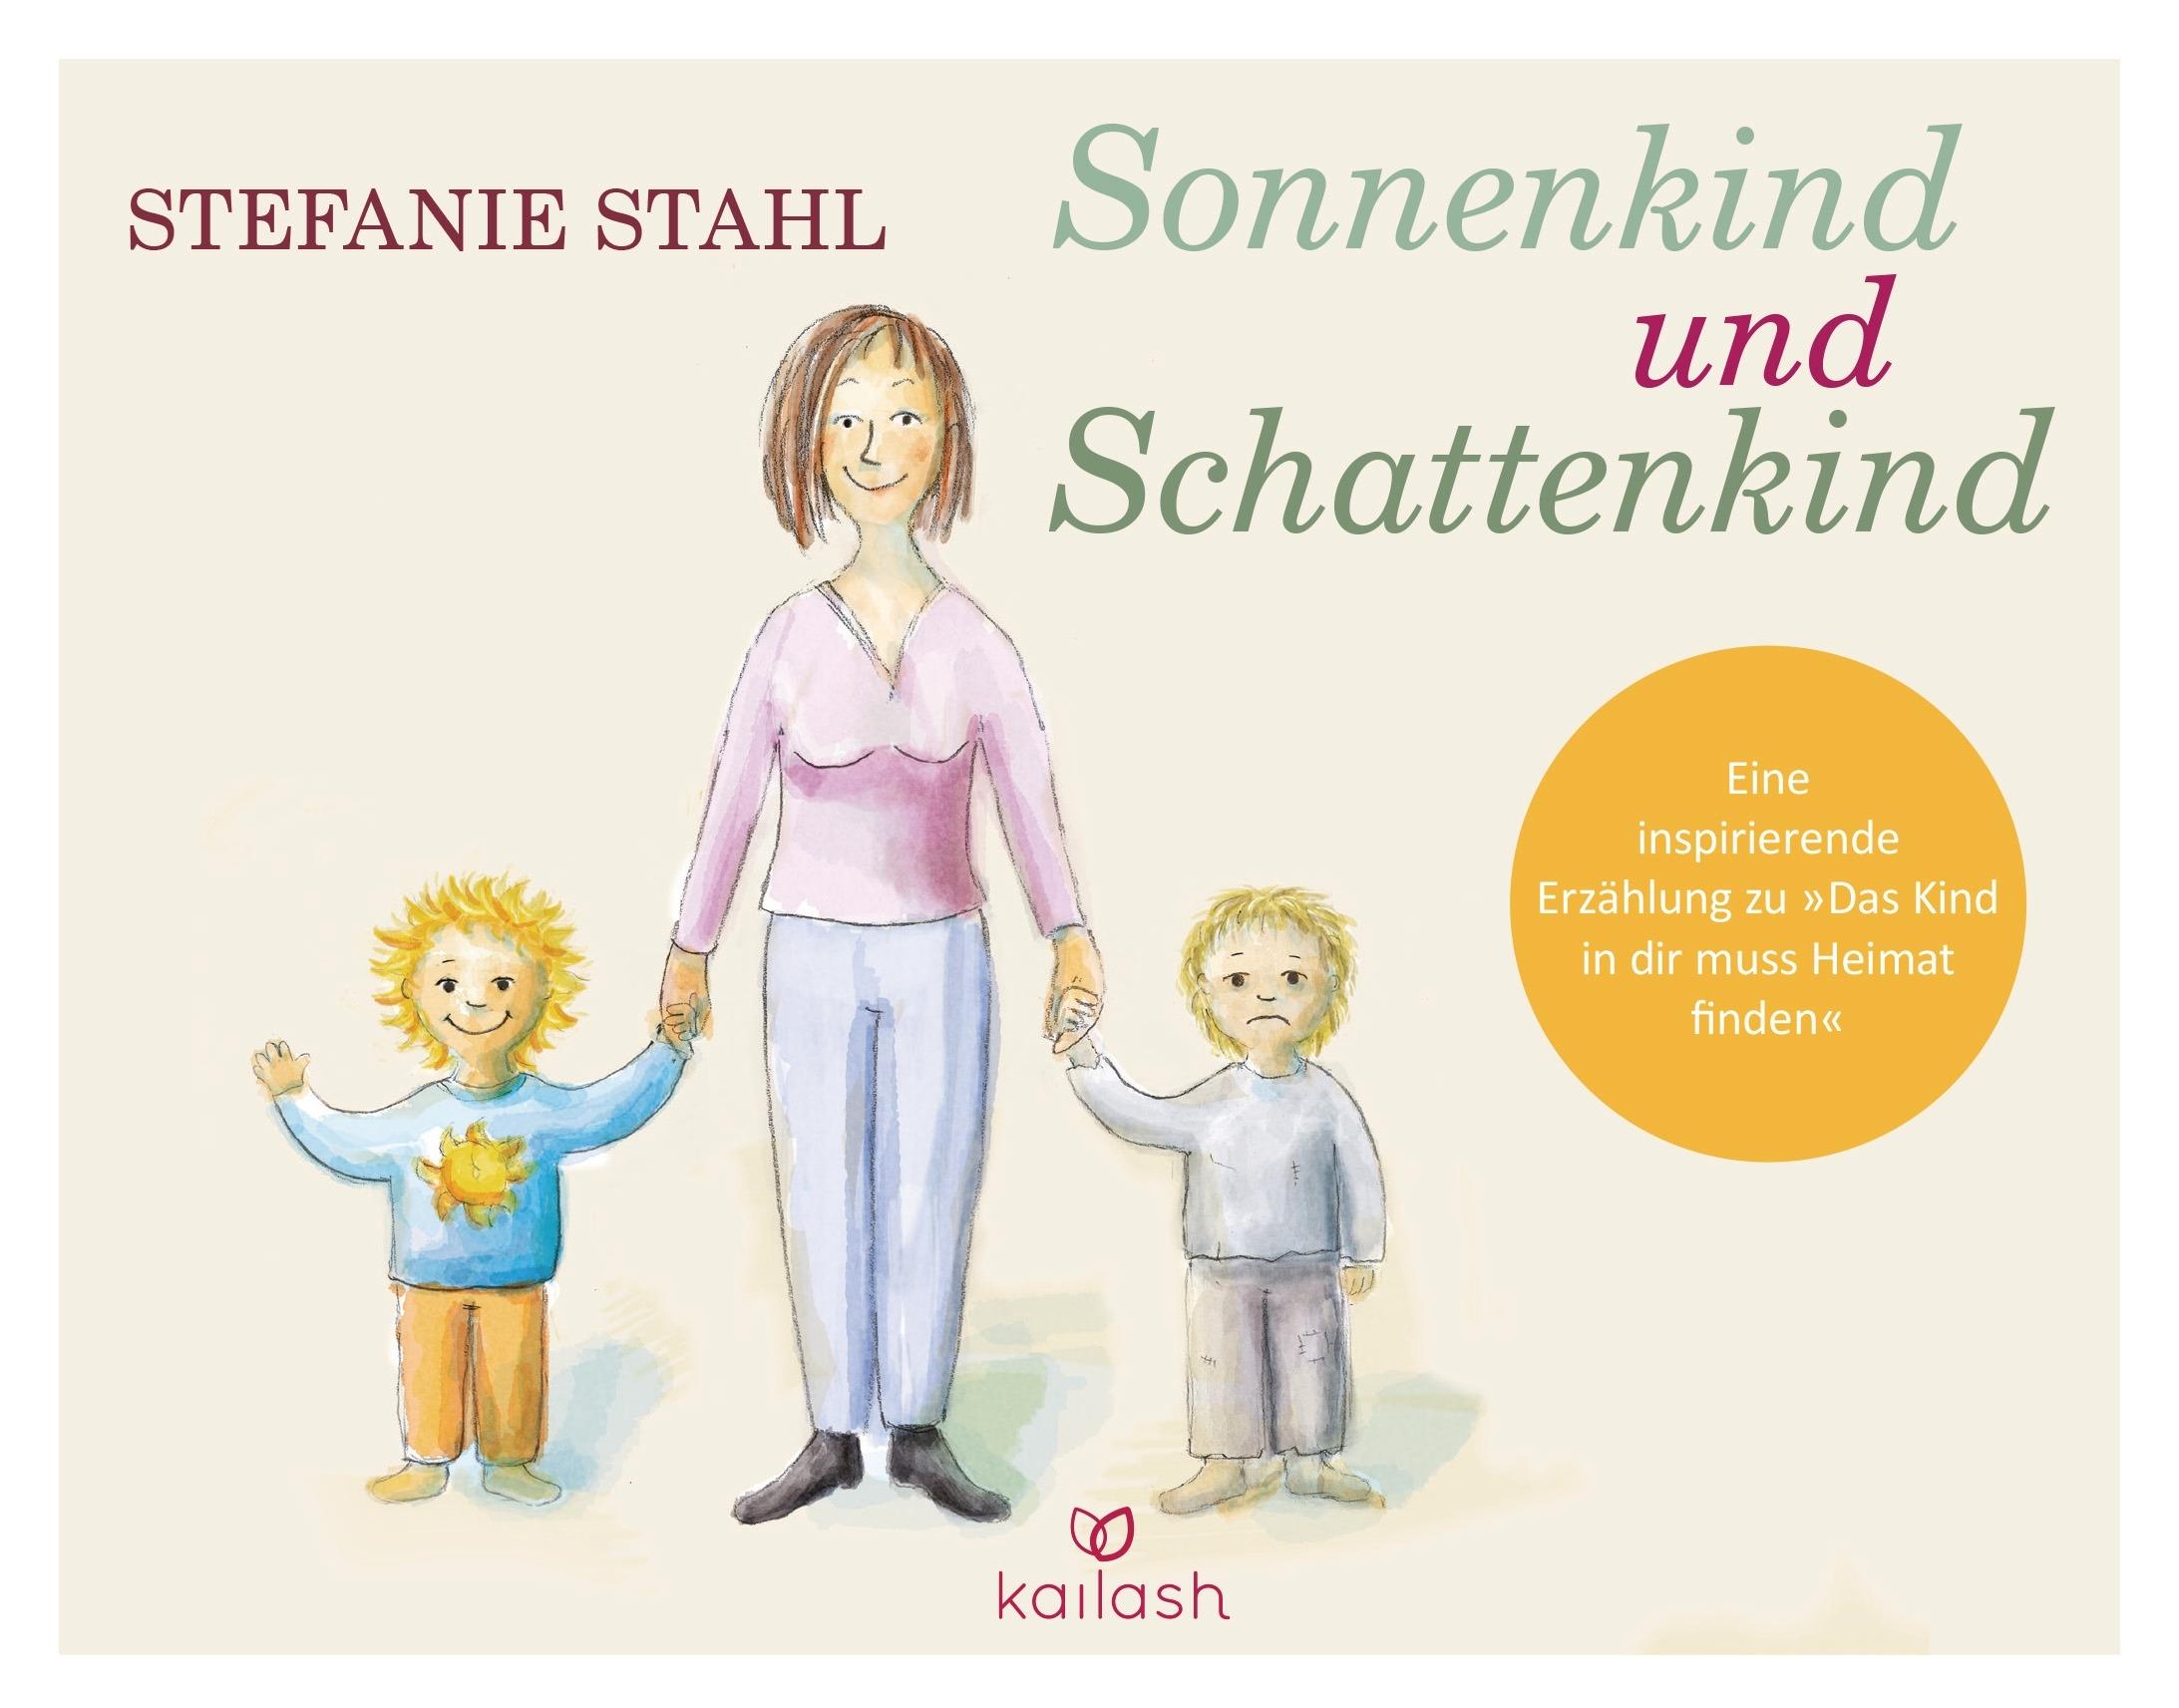 Stefanie Stahl Sonnenkind Und Schattenkind Ebay